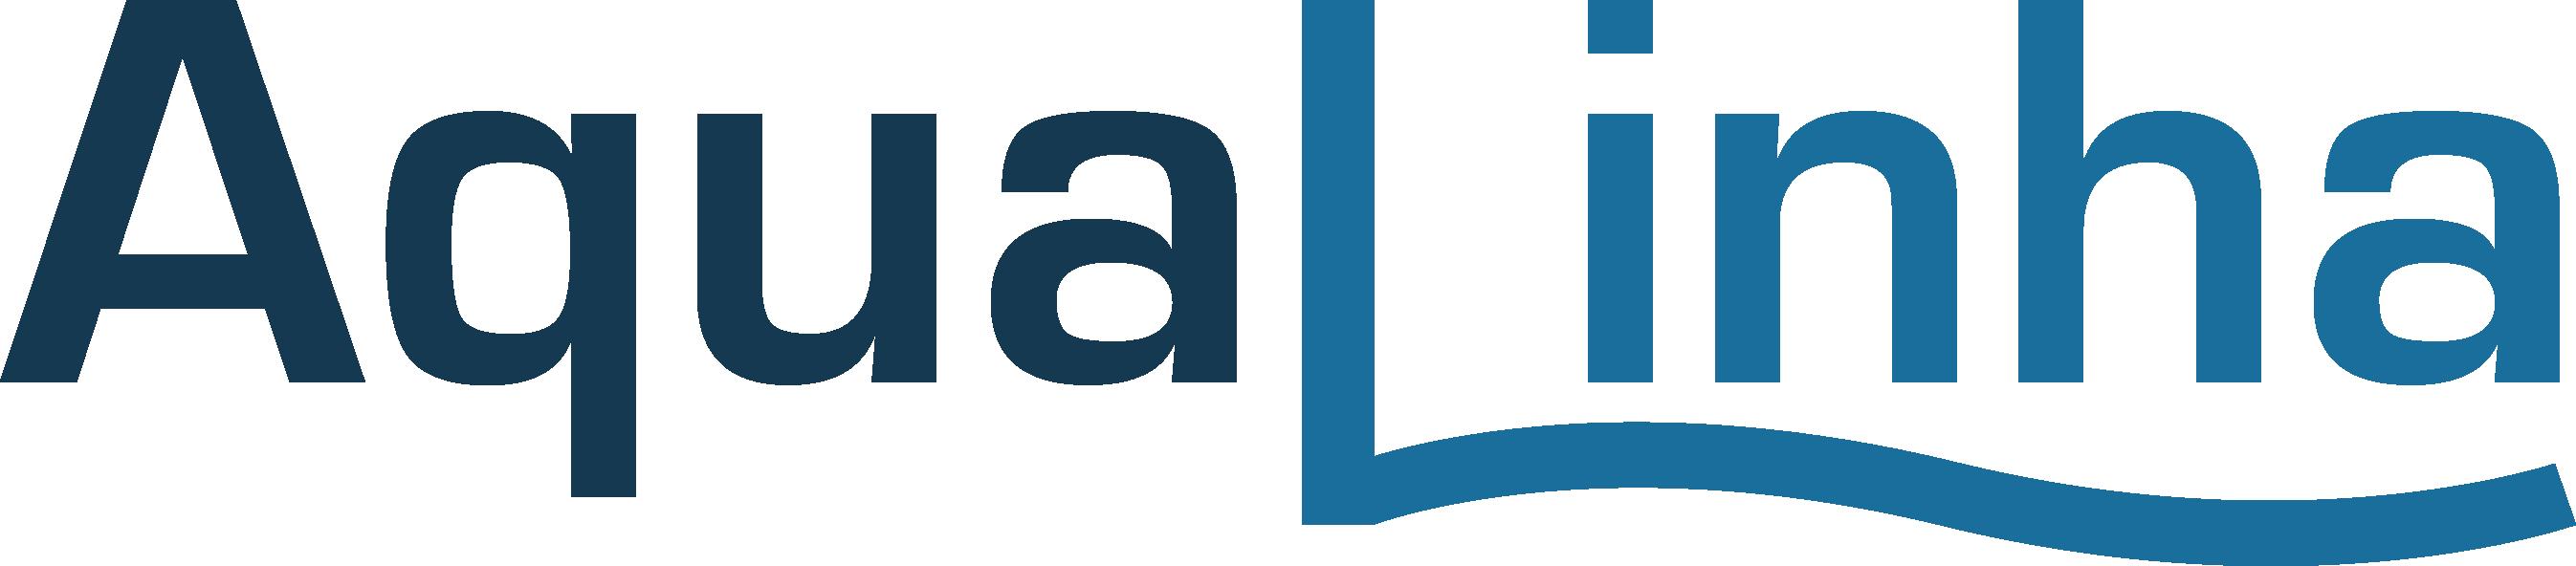 AquaLinha